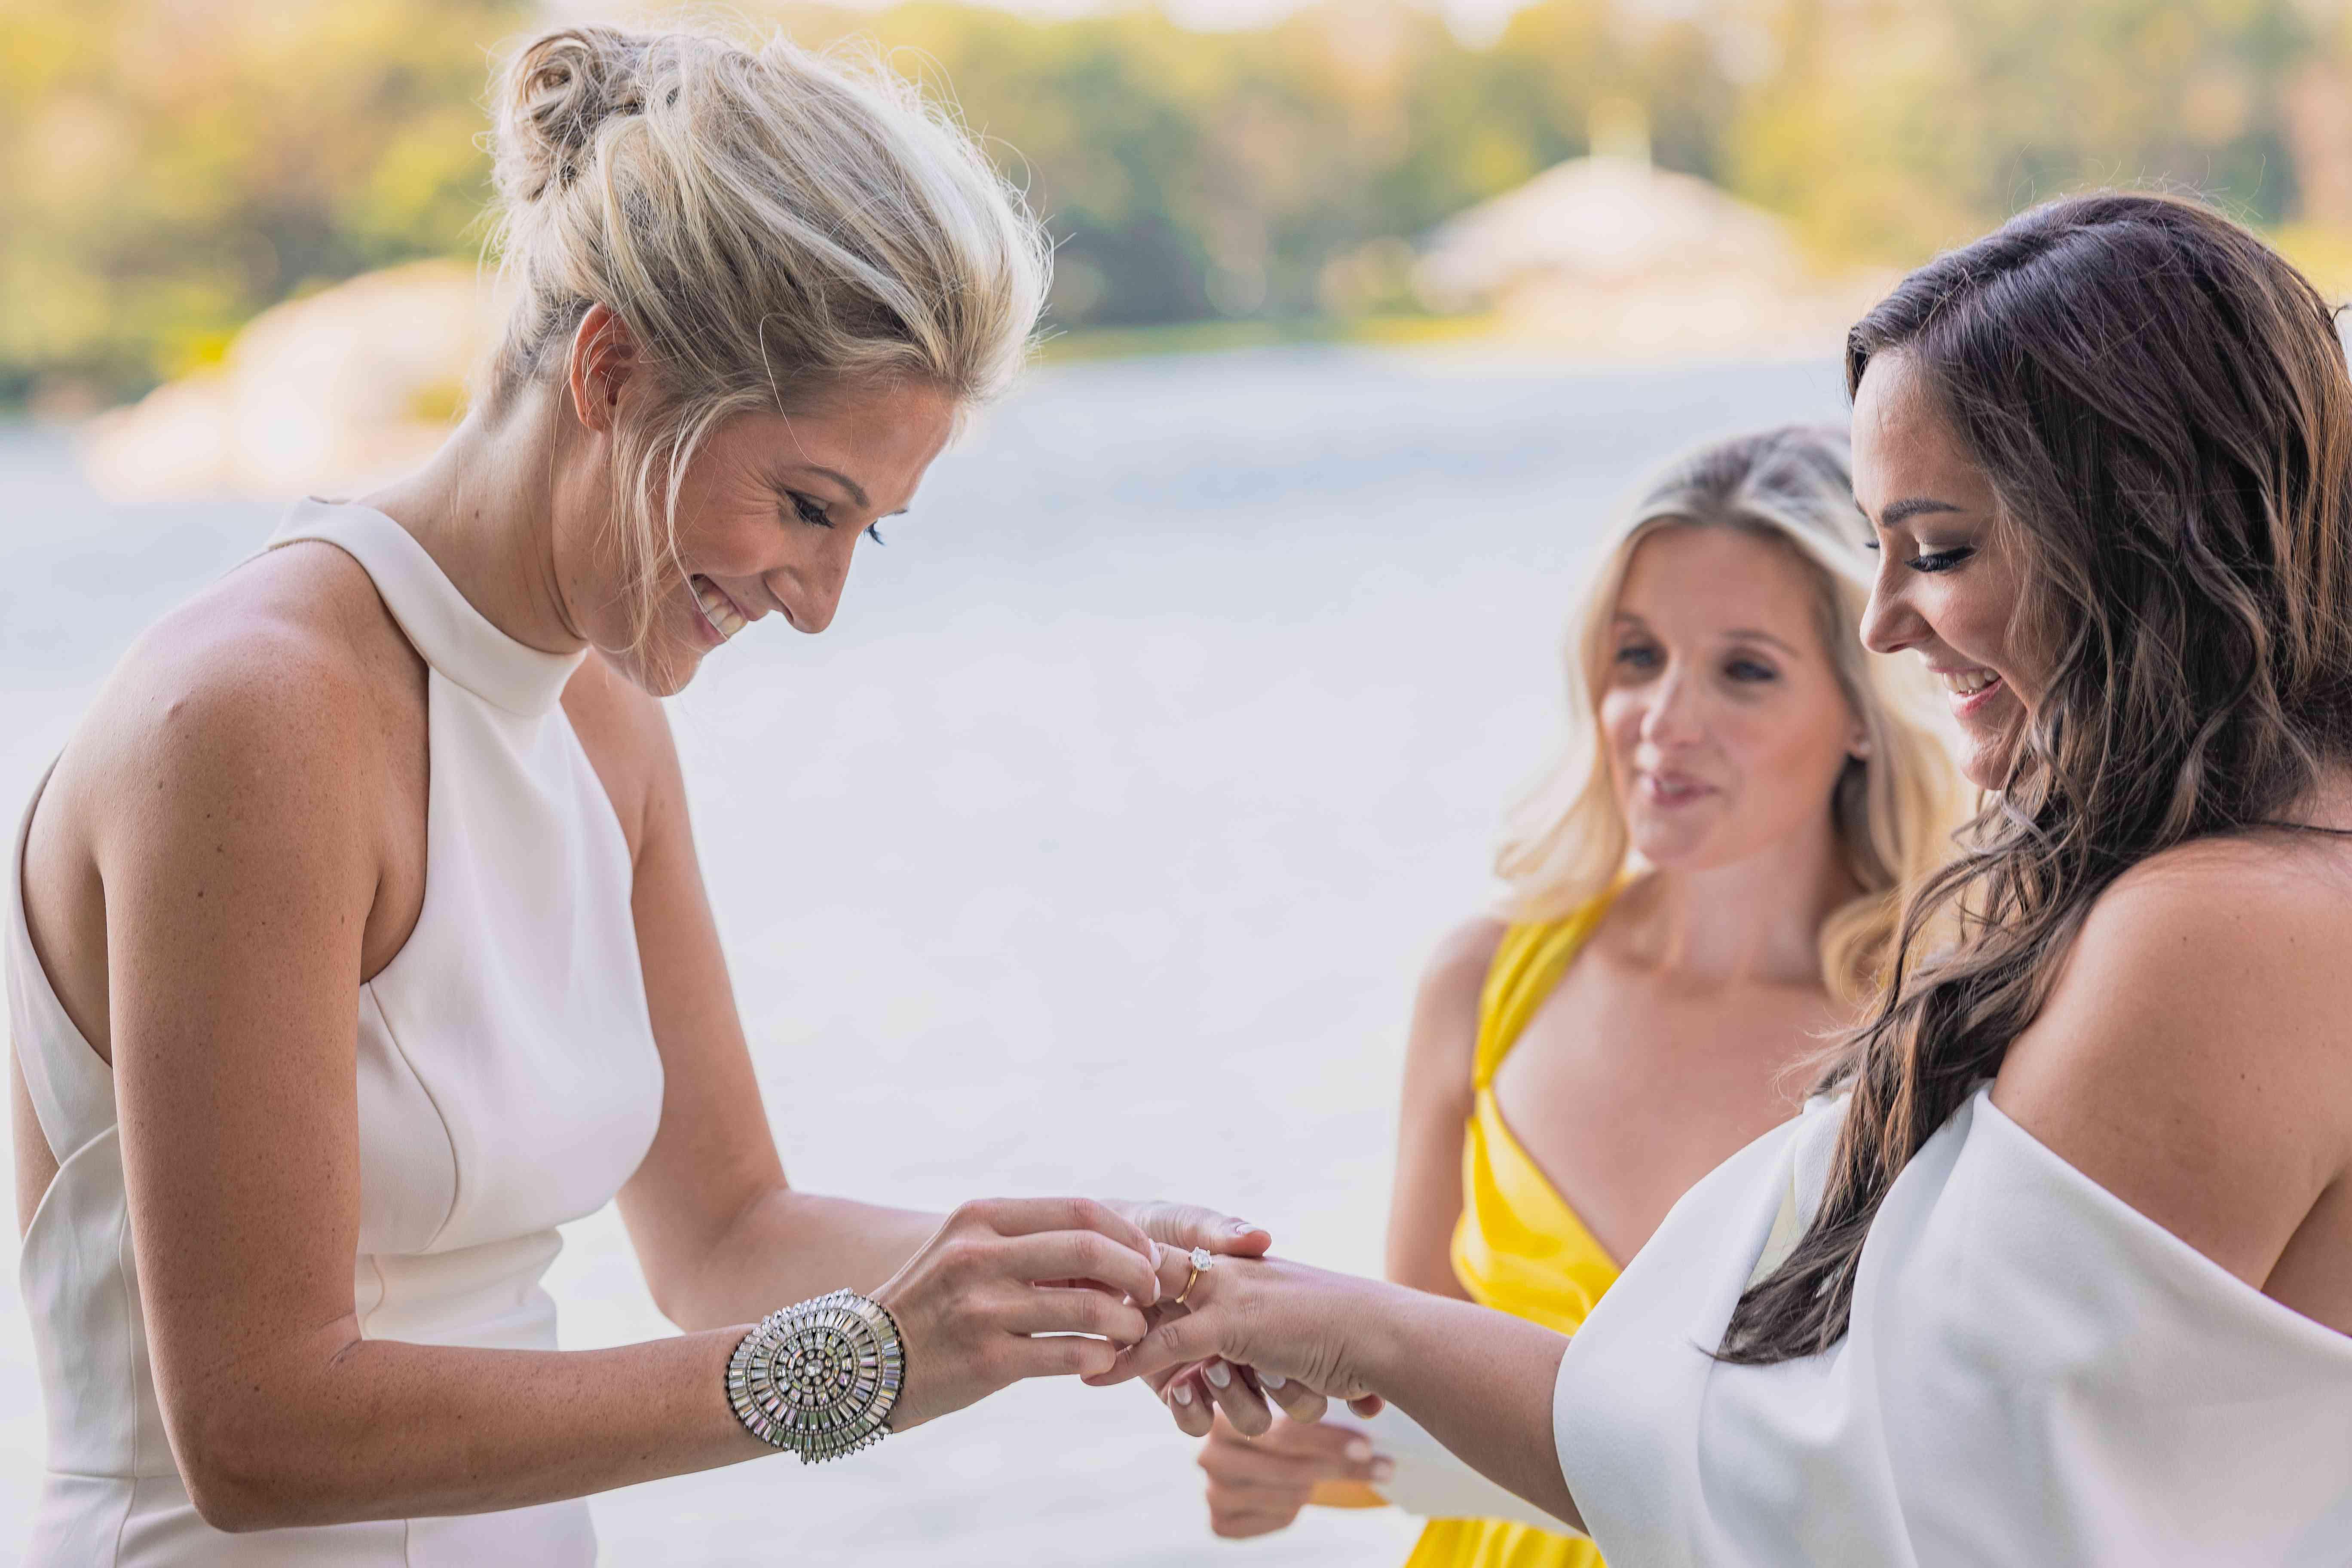 bridesexchanging rings